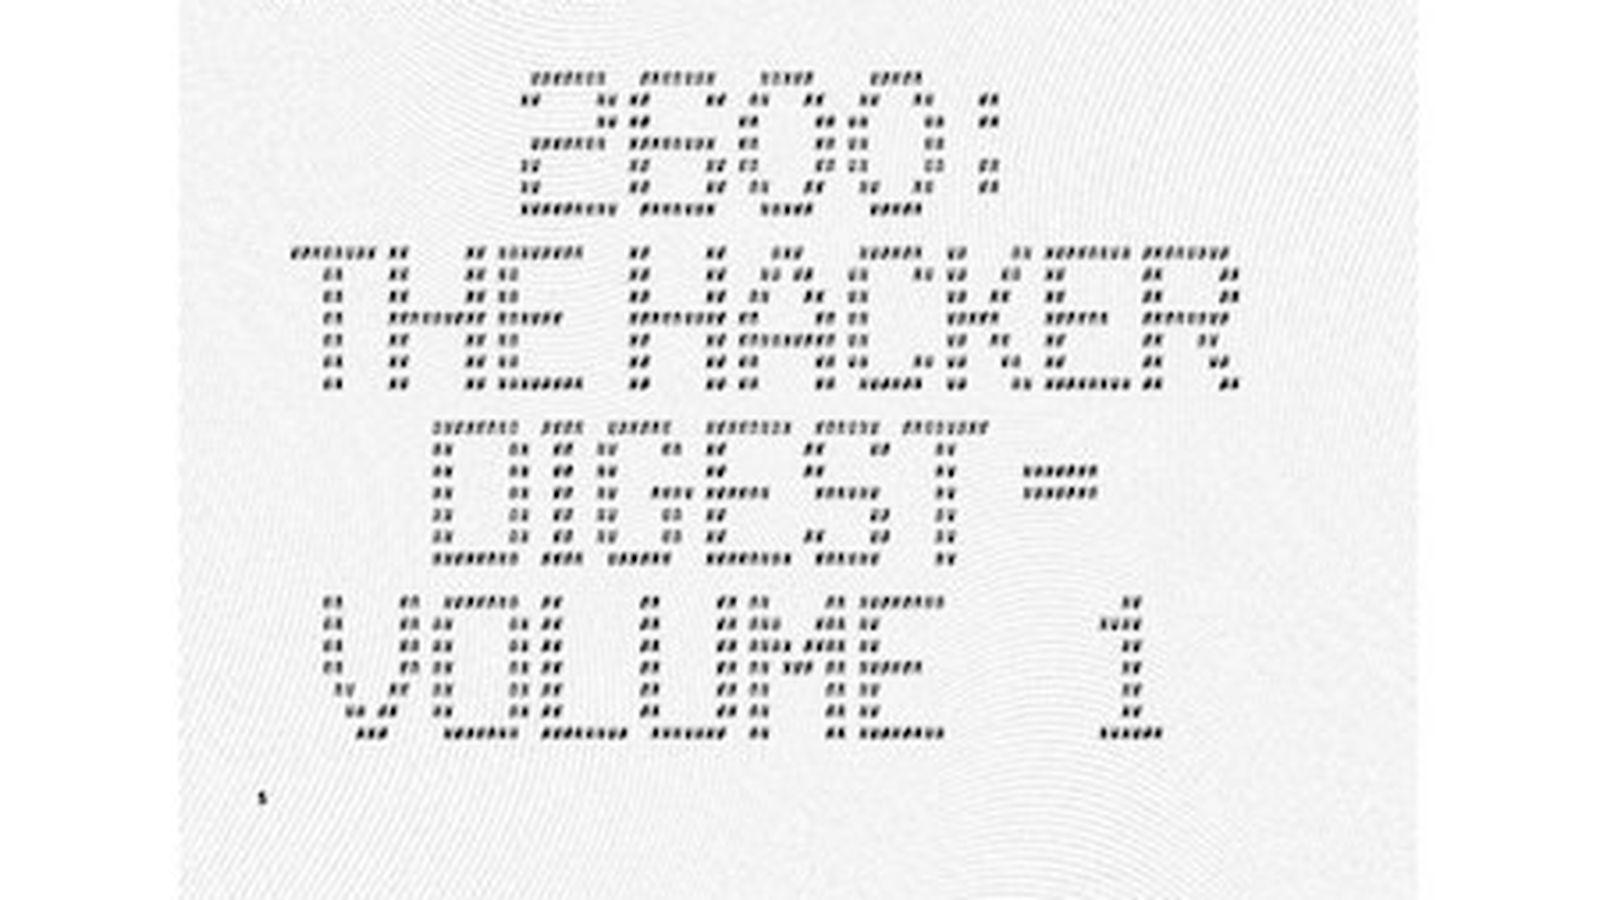 u0026 39 the hacker digest u0026 39   2600 u0026 39 s first year is now on sale in